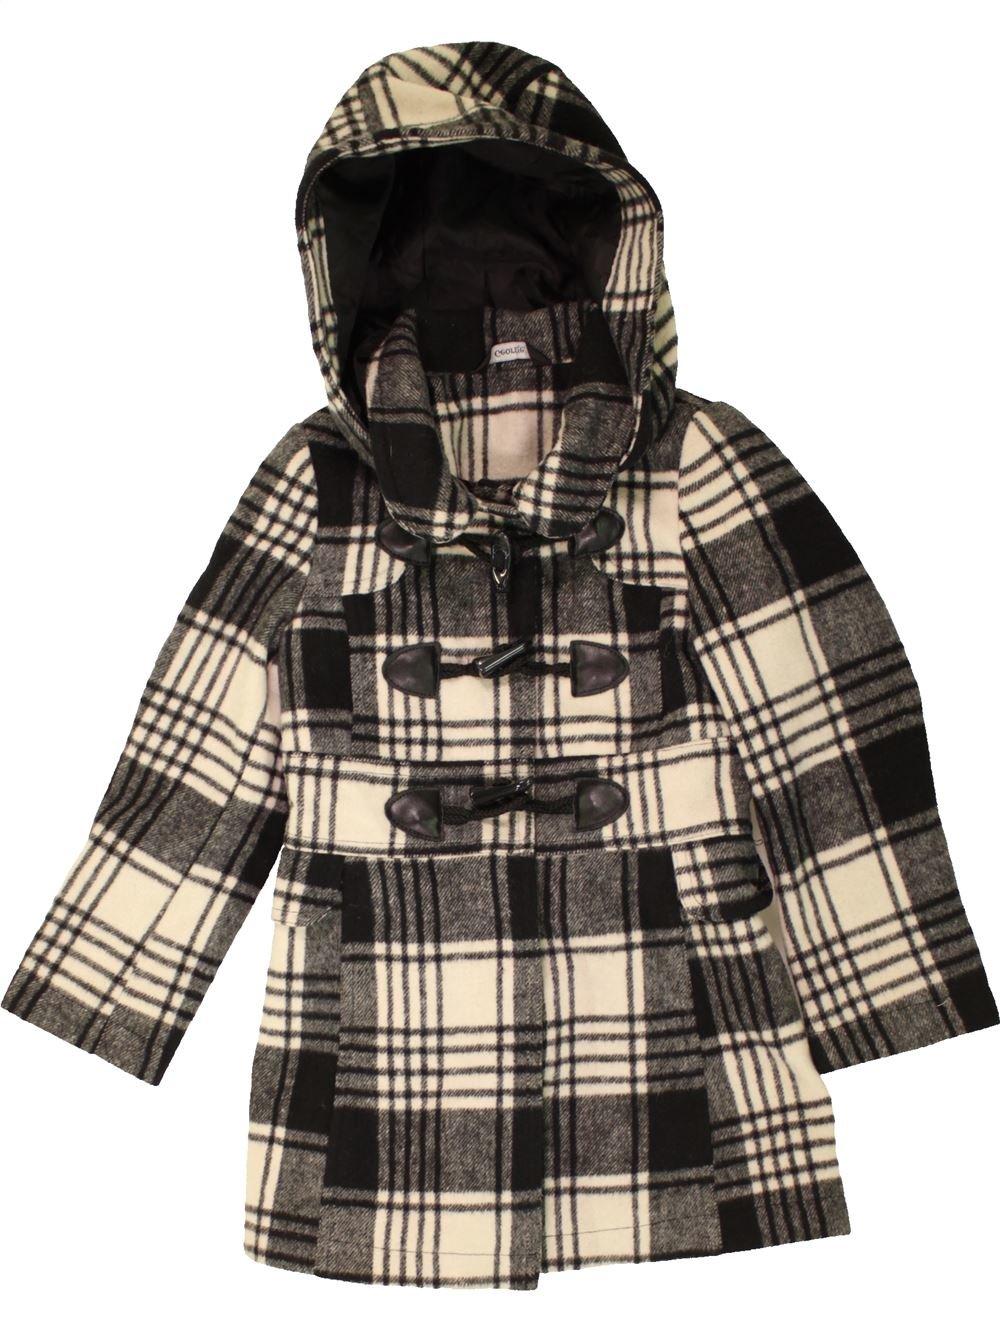 Manteau fille 5 ans gris